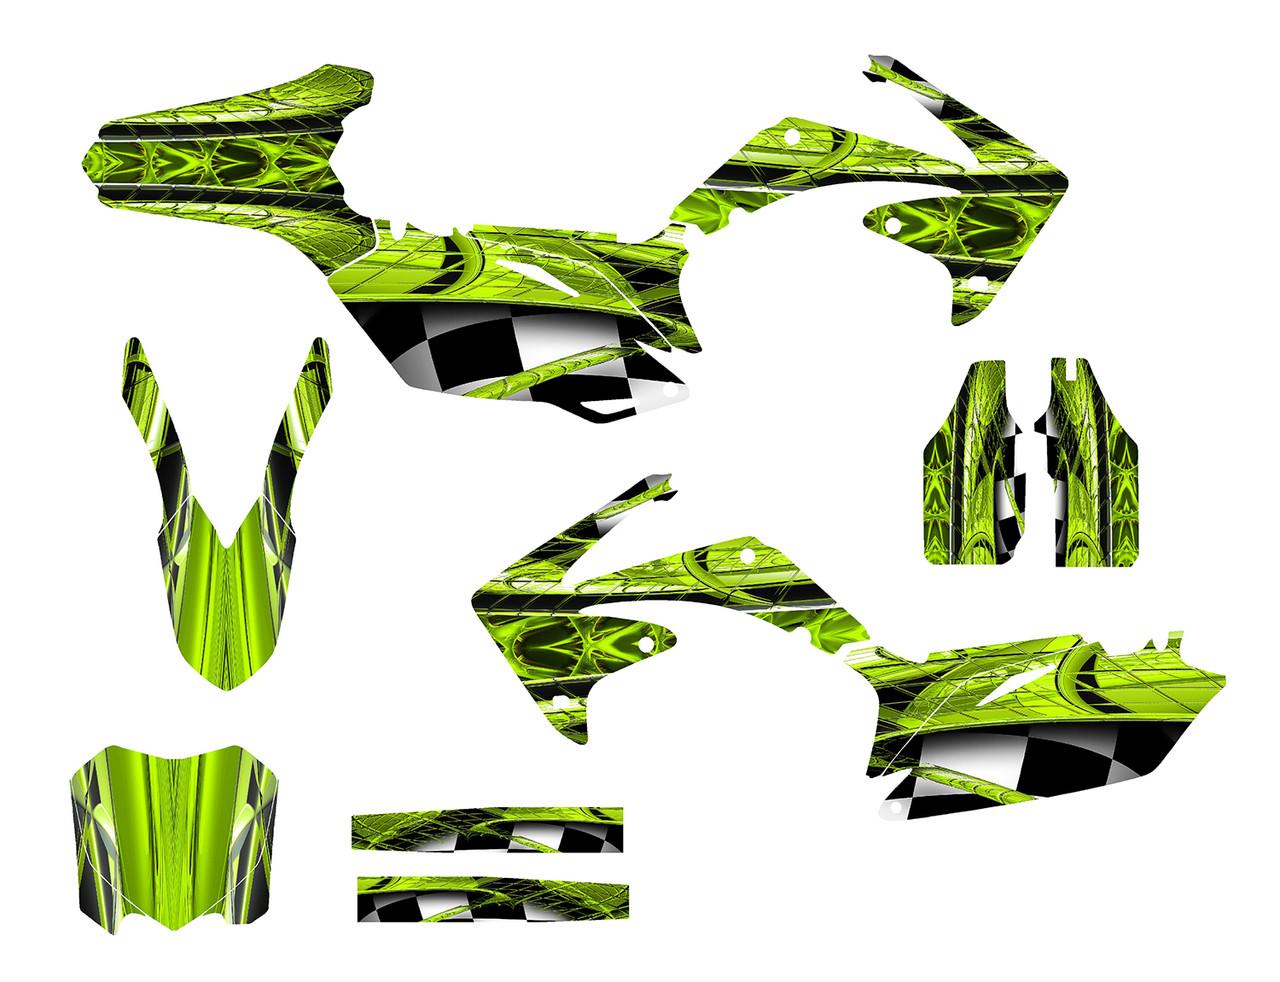 CRF250R-2010-13 & CRF450R 2009-12 Design 2001